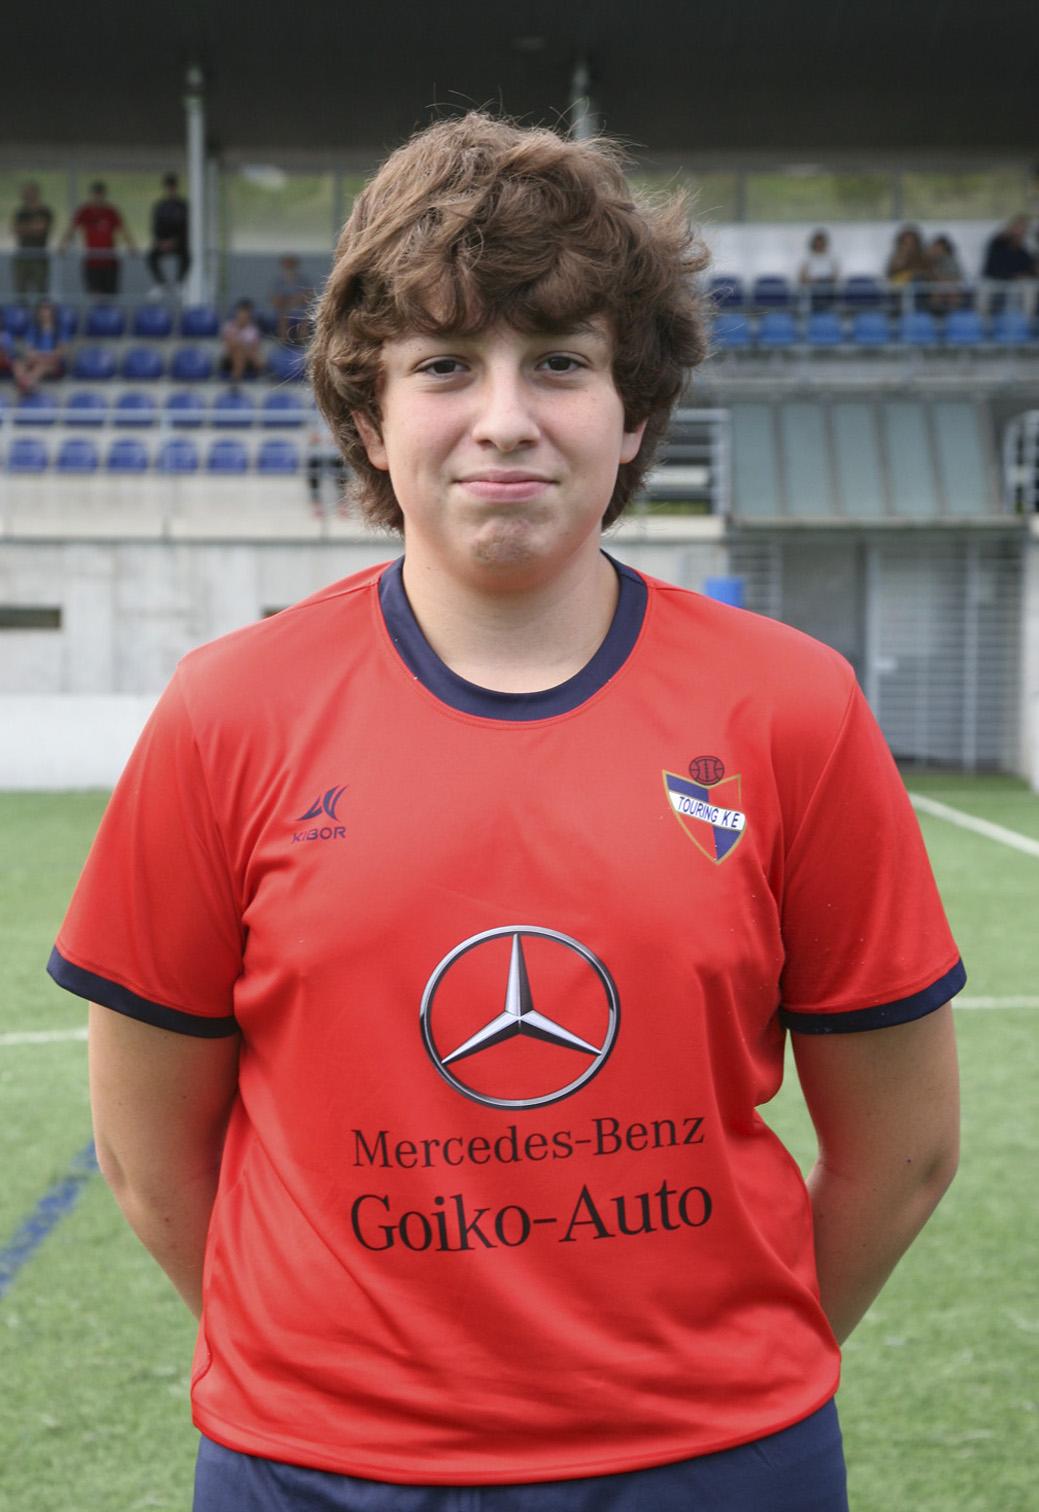 Gorka Miguel